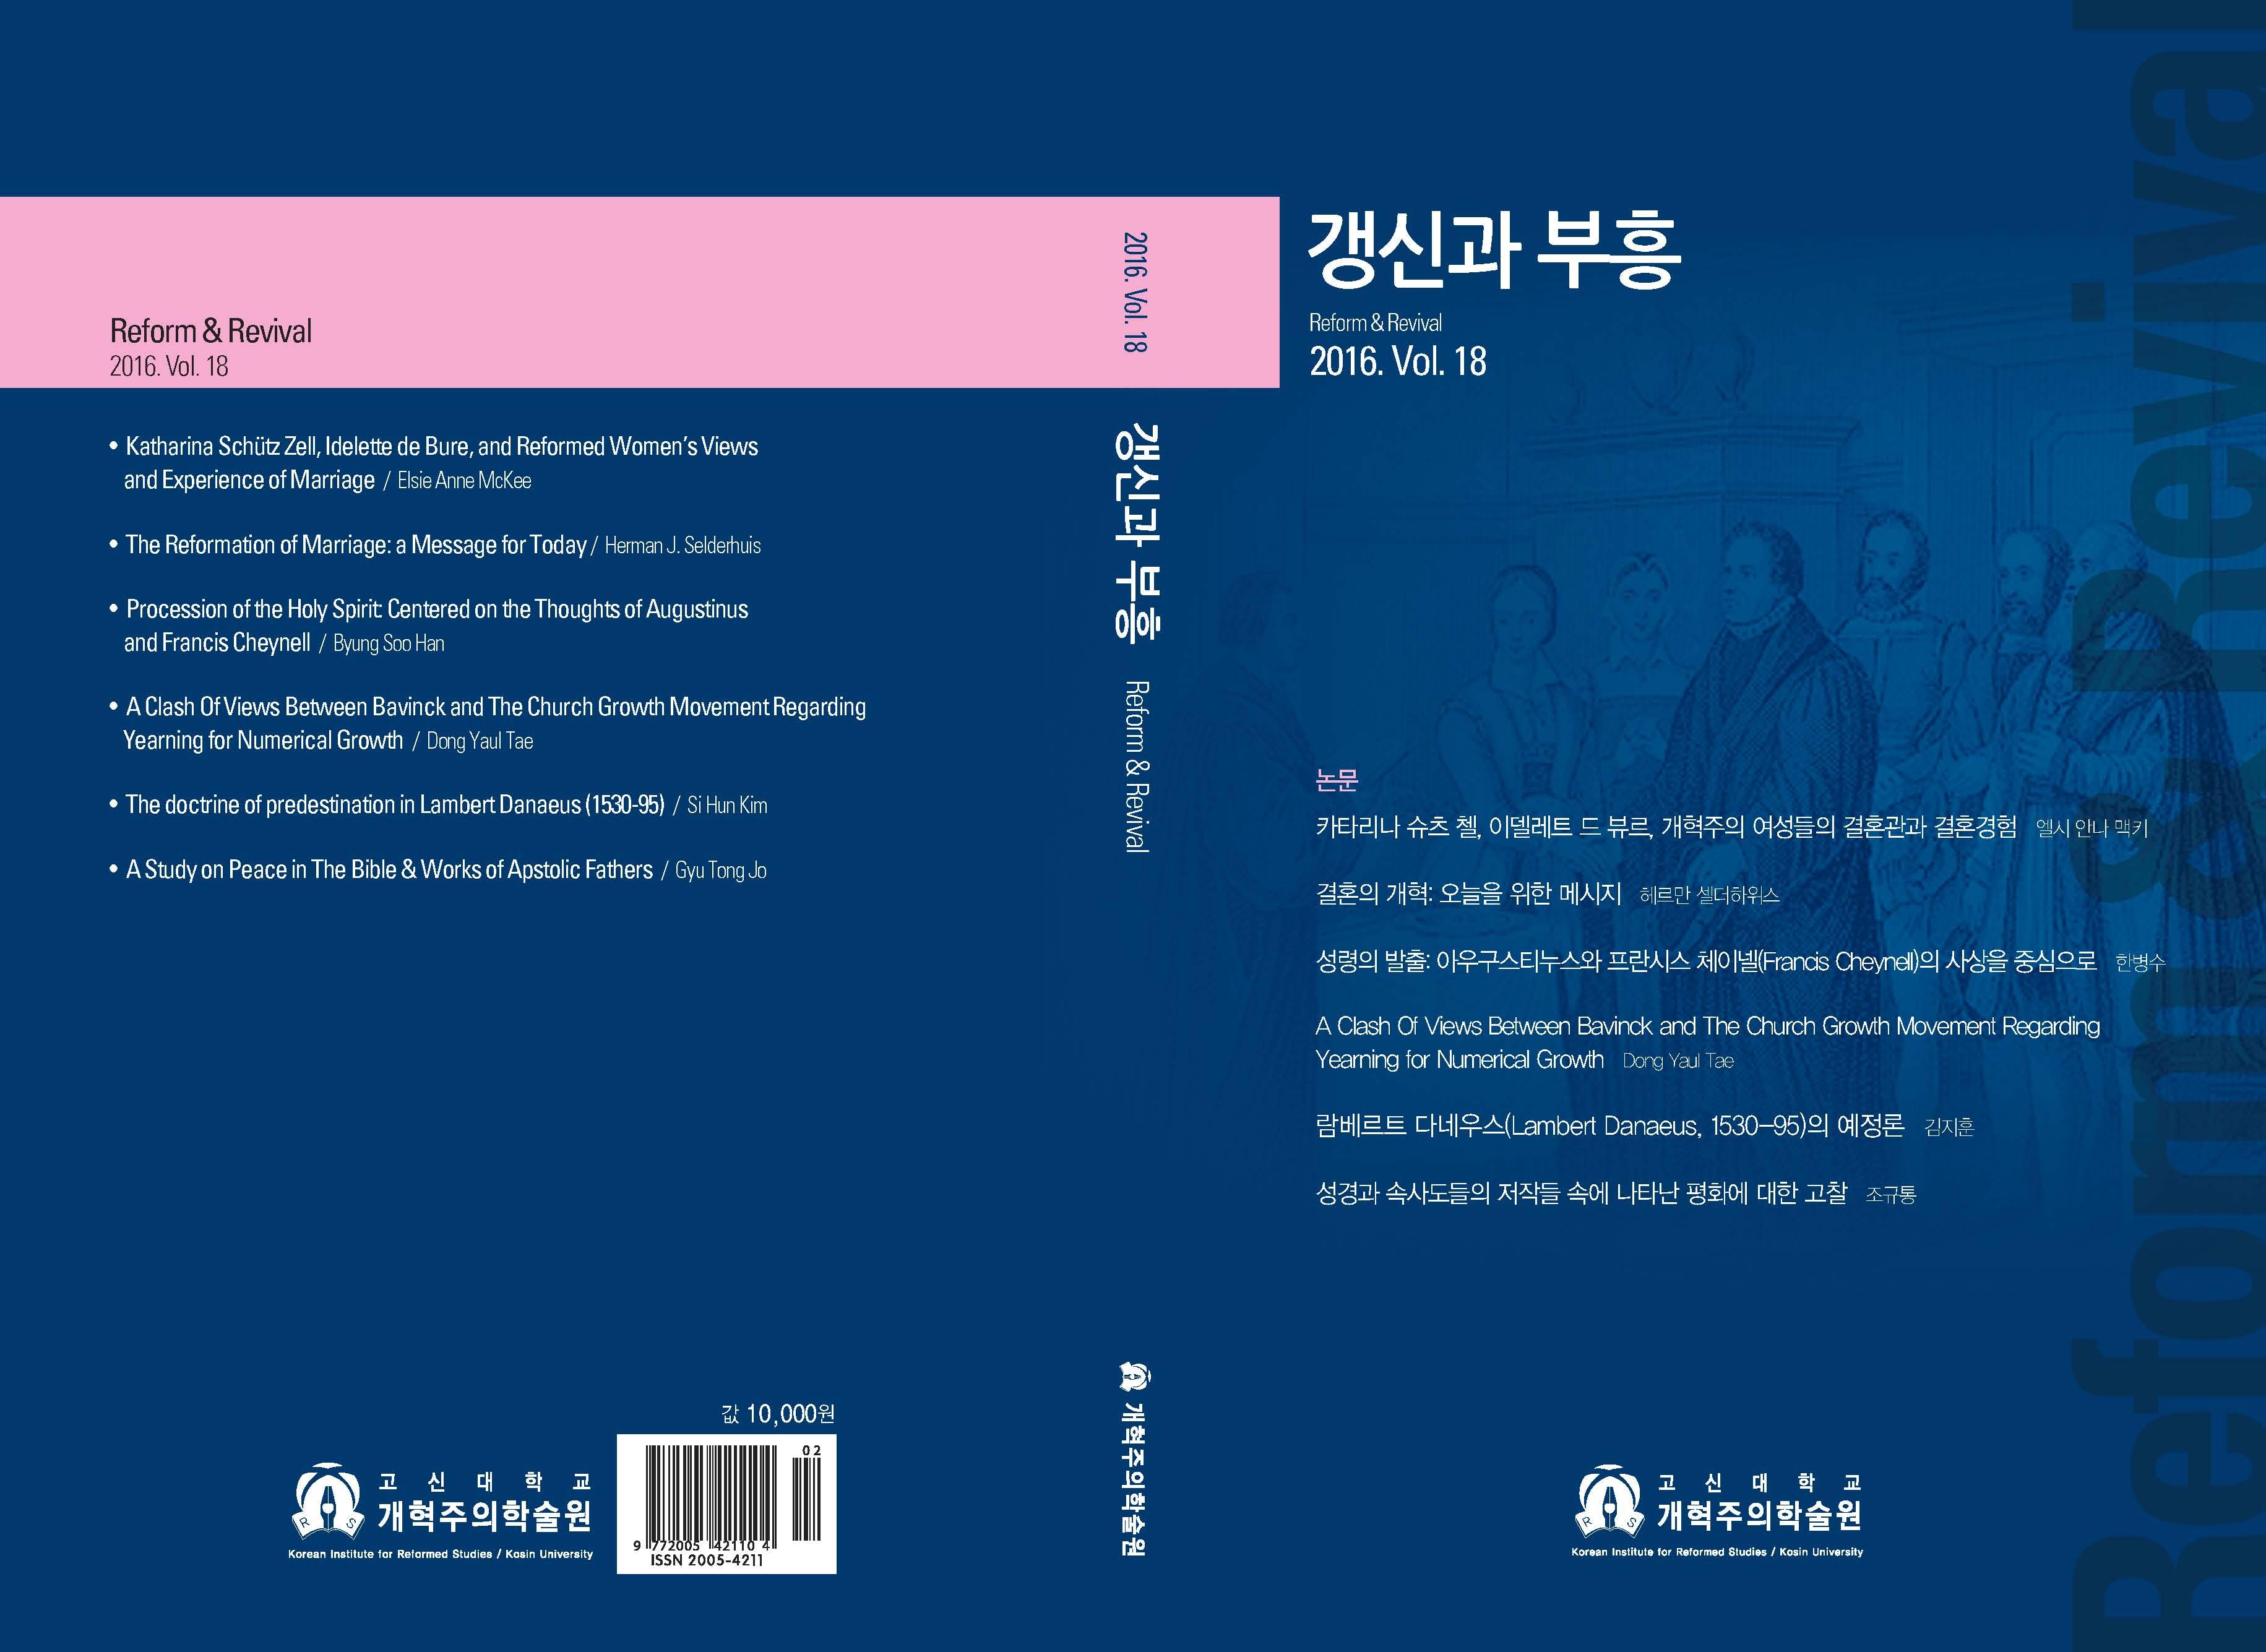 2갱신과부흥18호-표지-160726_Page_1.jpg